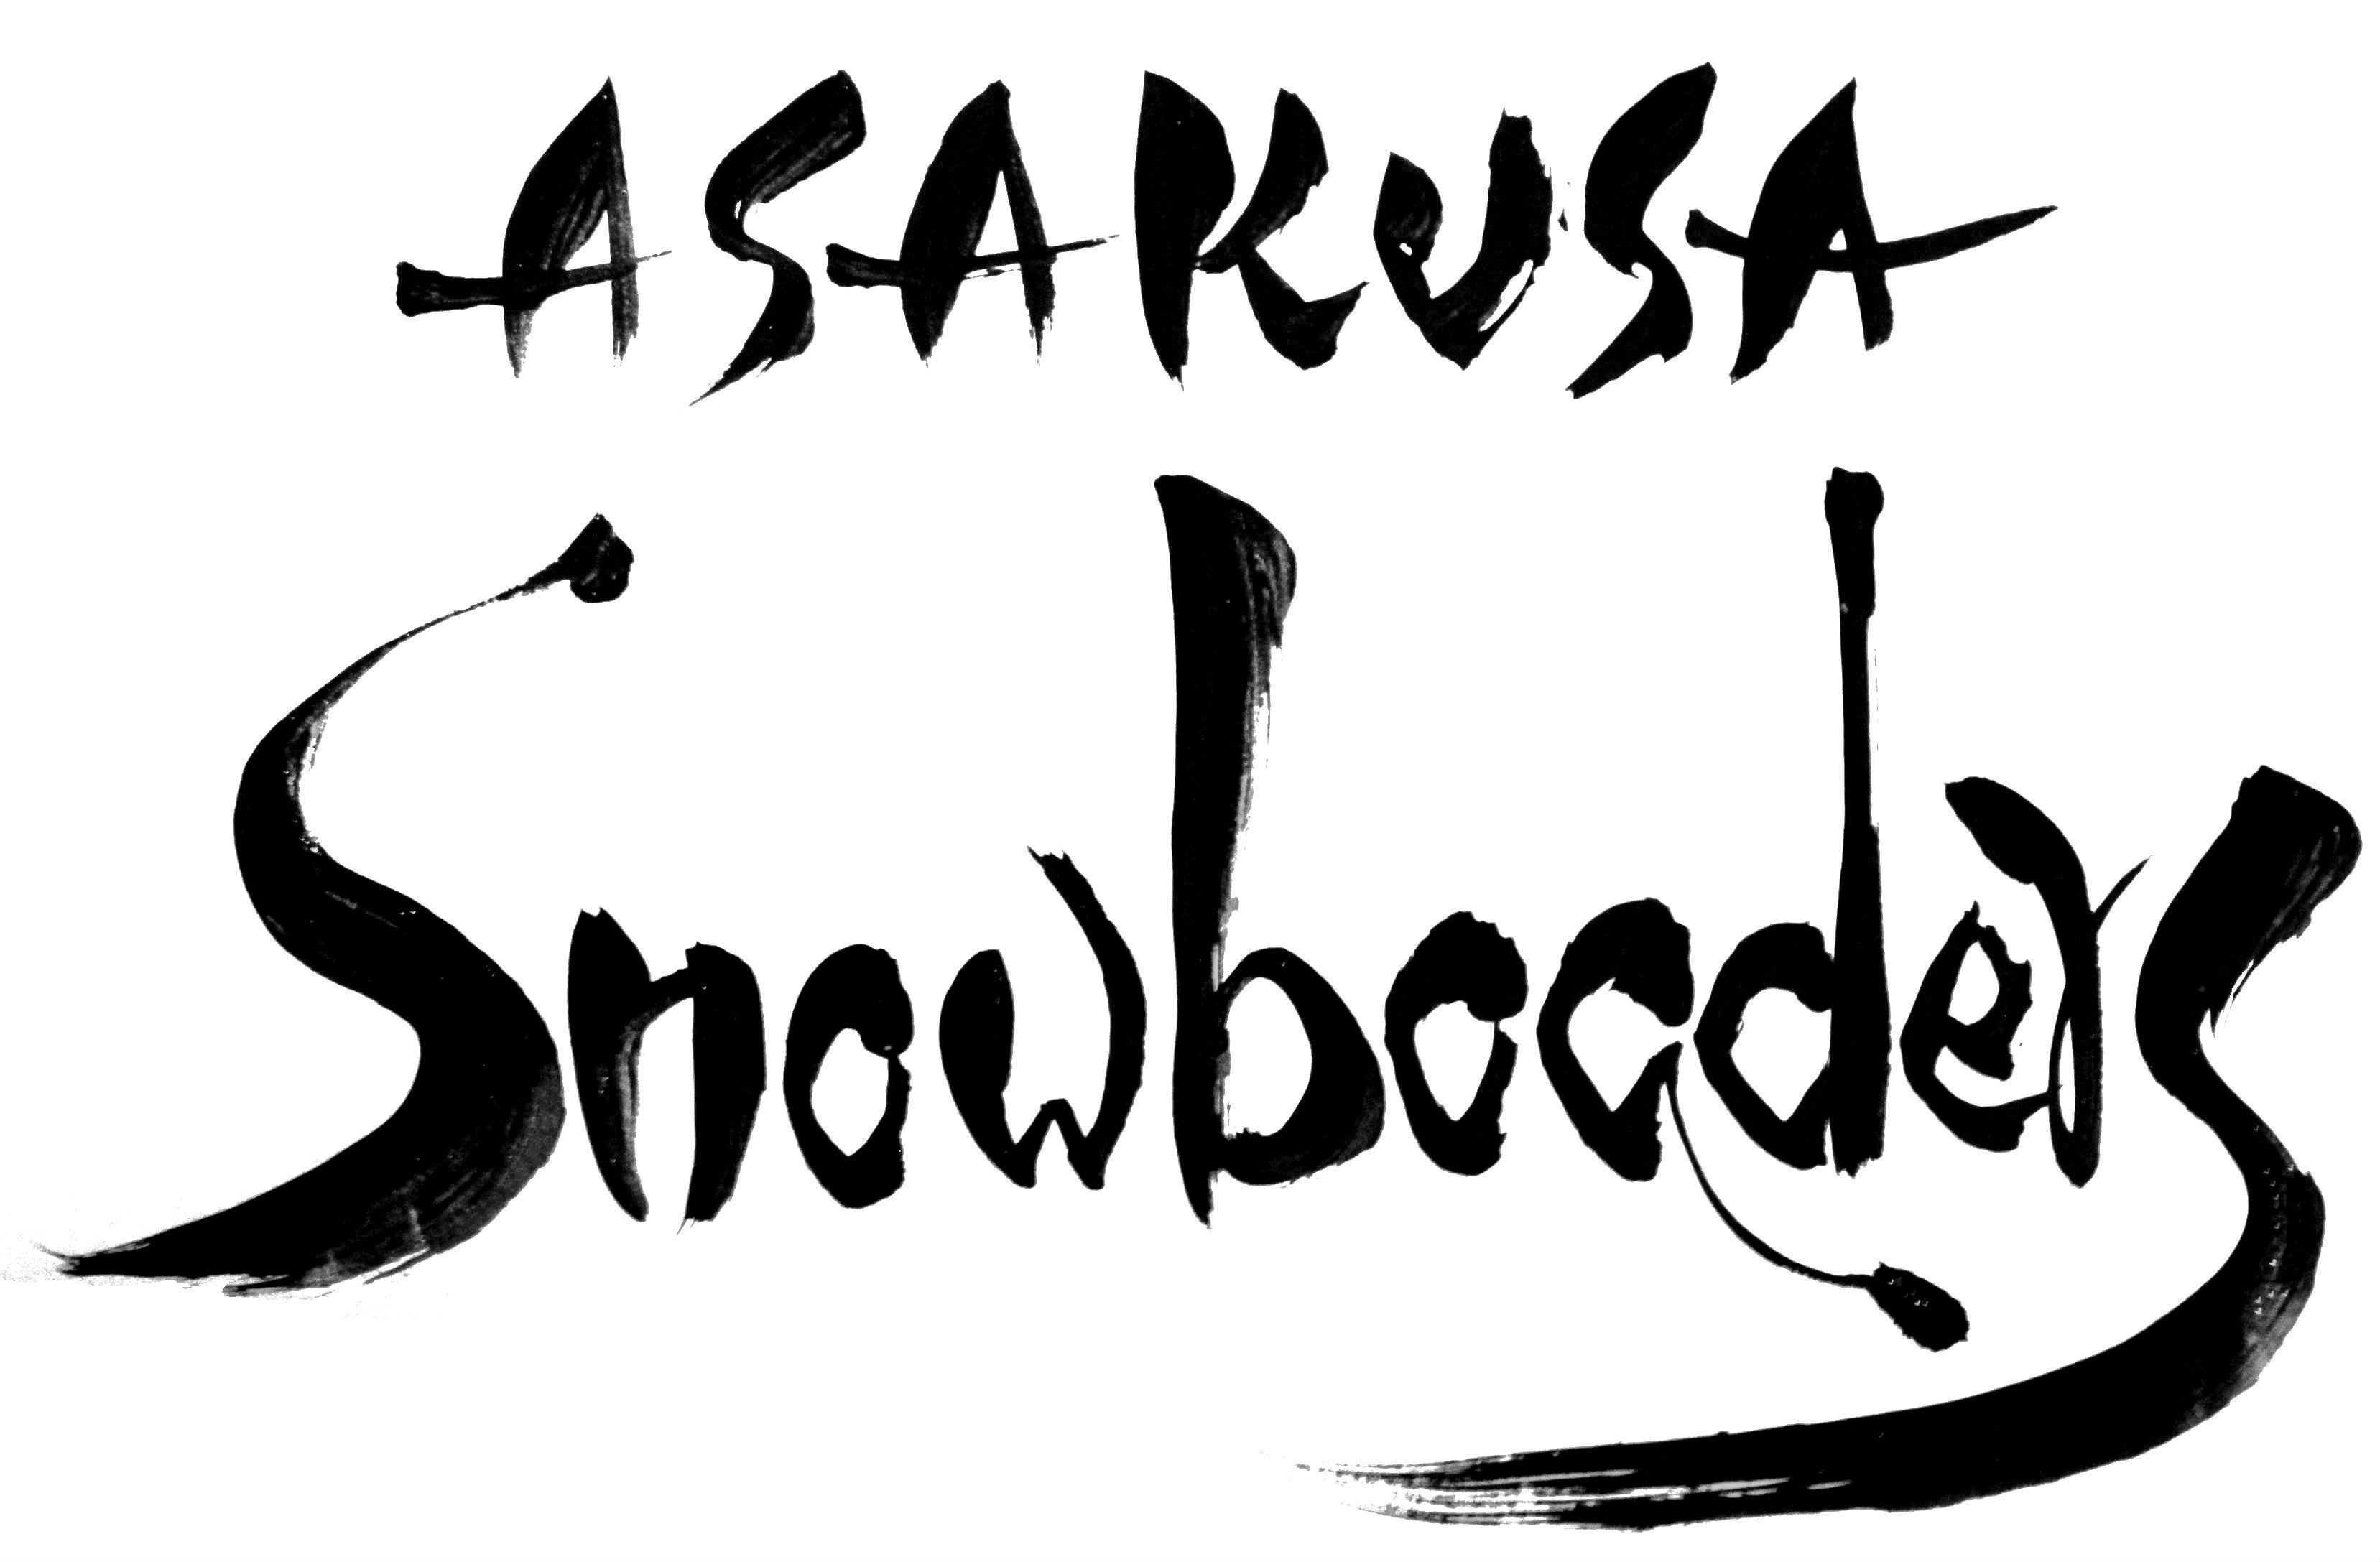 ASAKUSA_Snowboaders.jpg